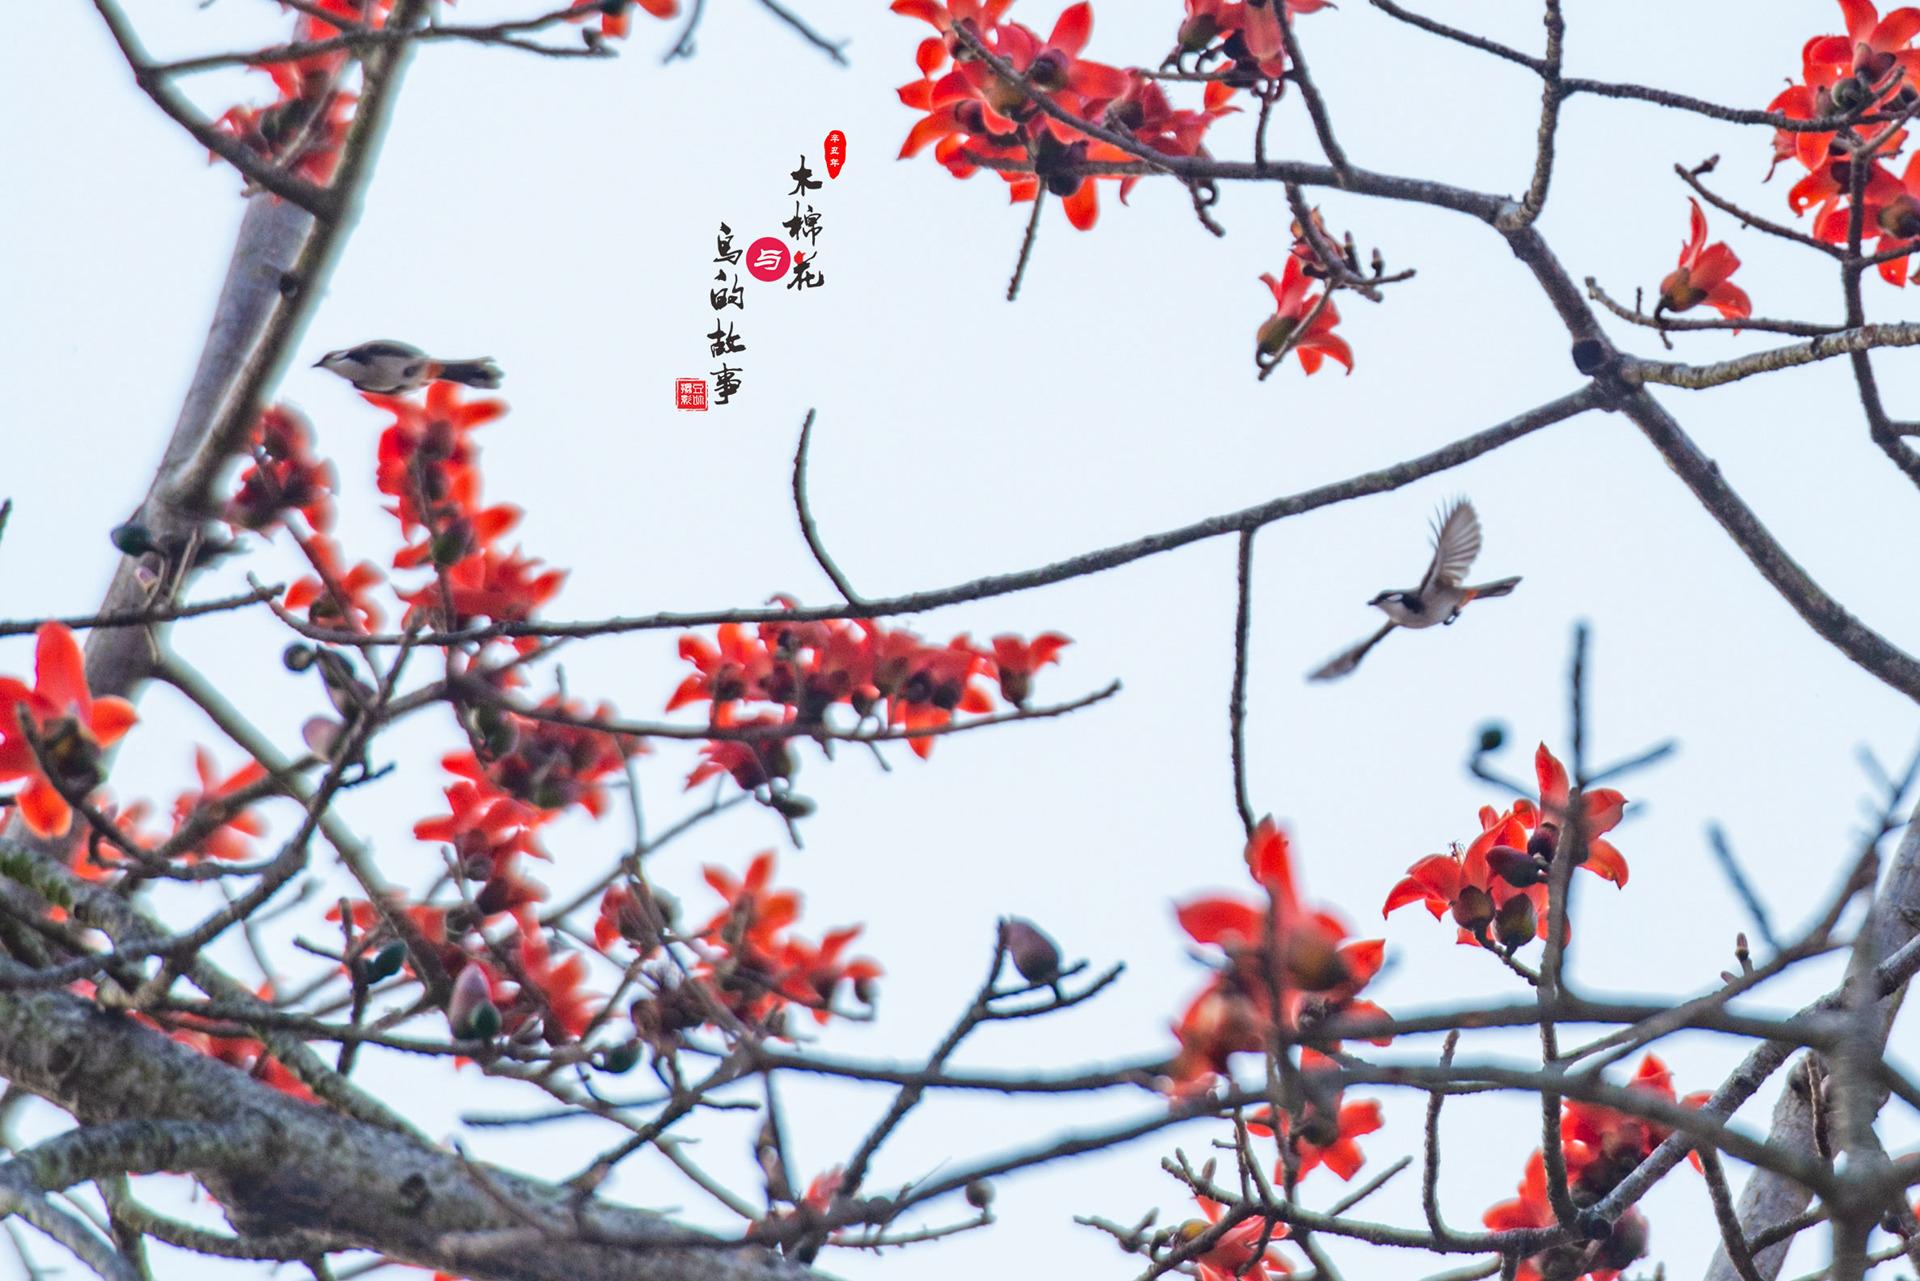 木棉花与鸟的故事38.jpg